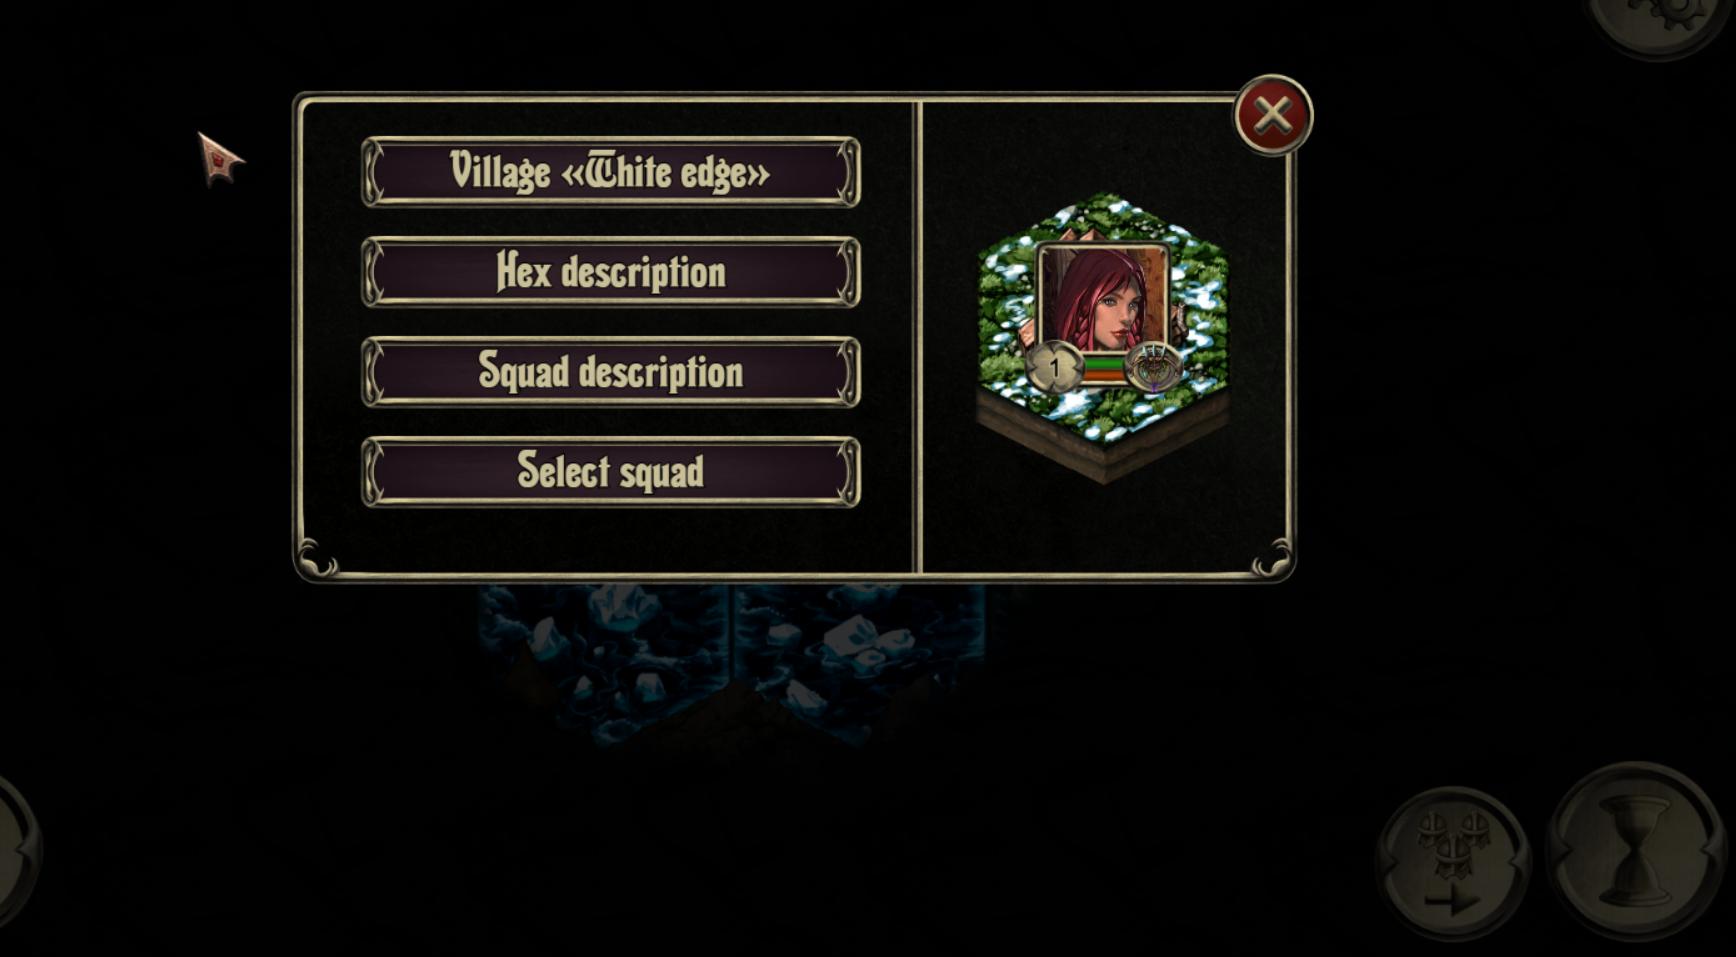 Grim wanderings 2 Basic Gameplay Tips - Adventure Mode - Playthrough - Hometown Hired Help - EC769AA